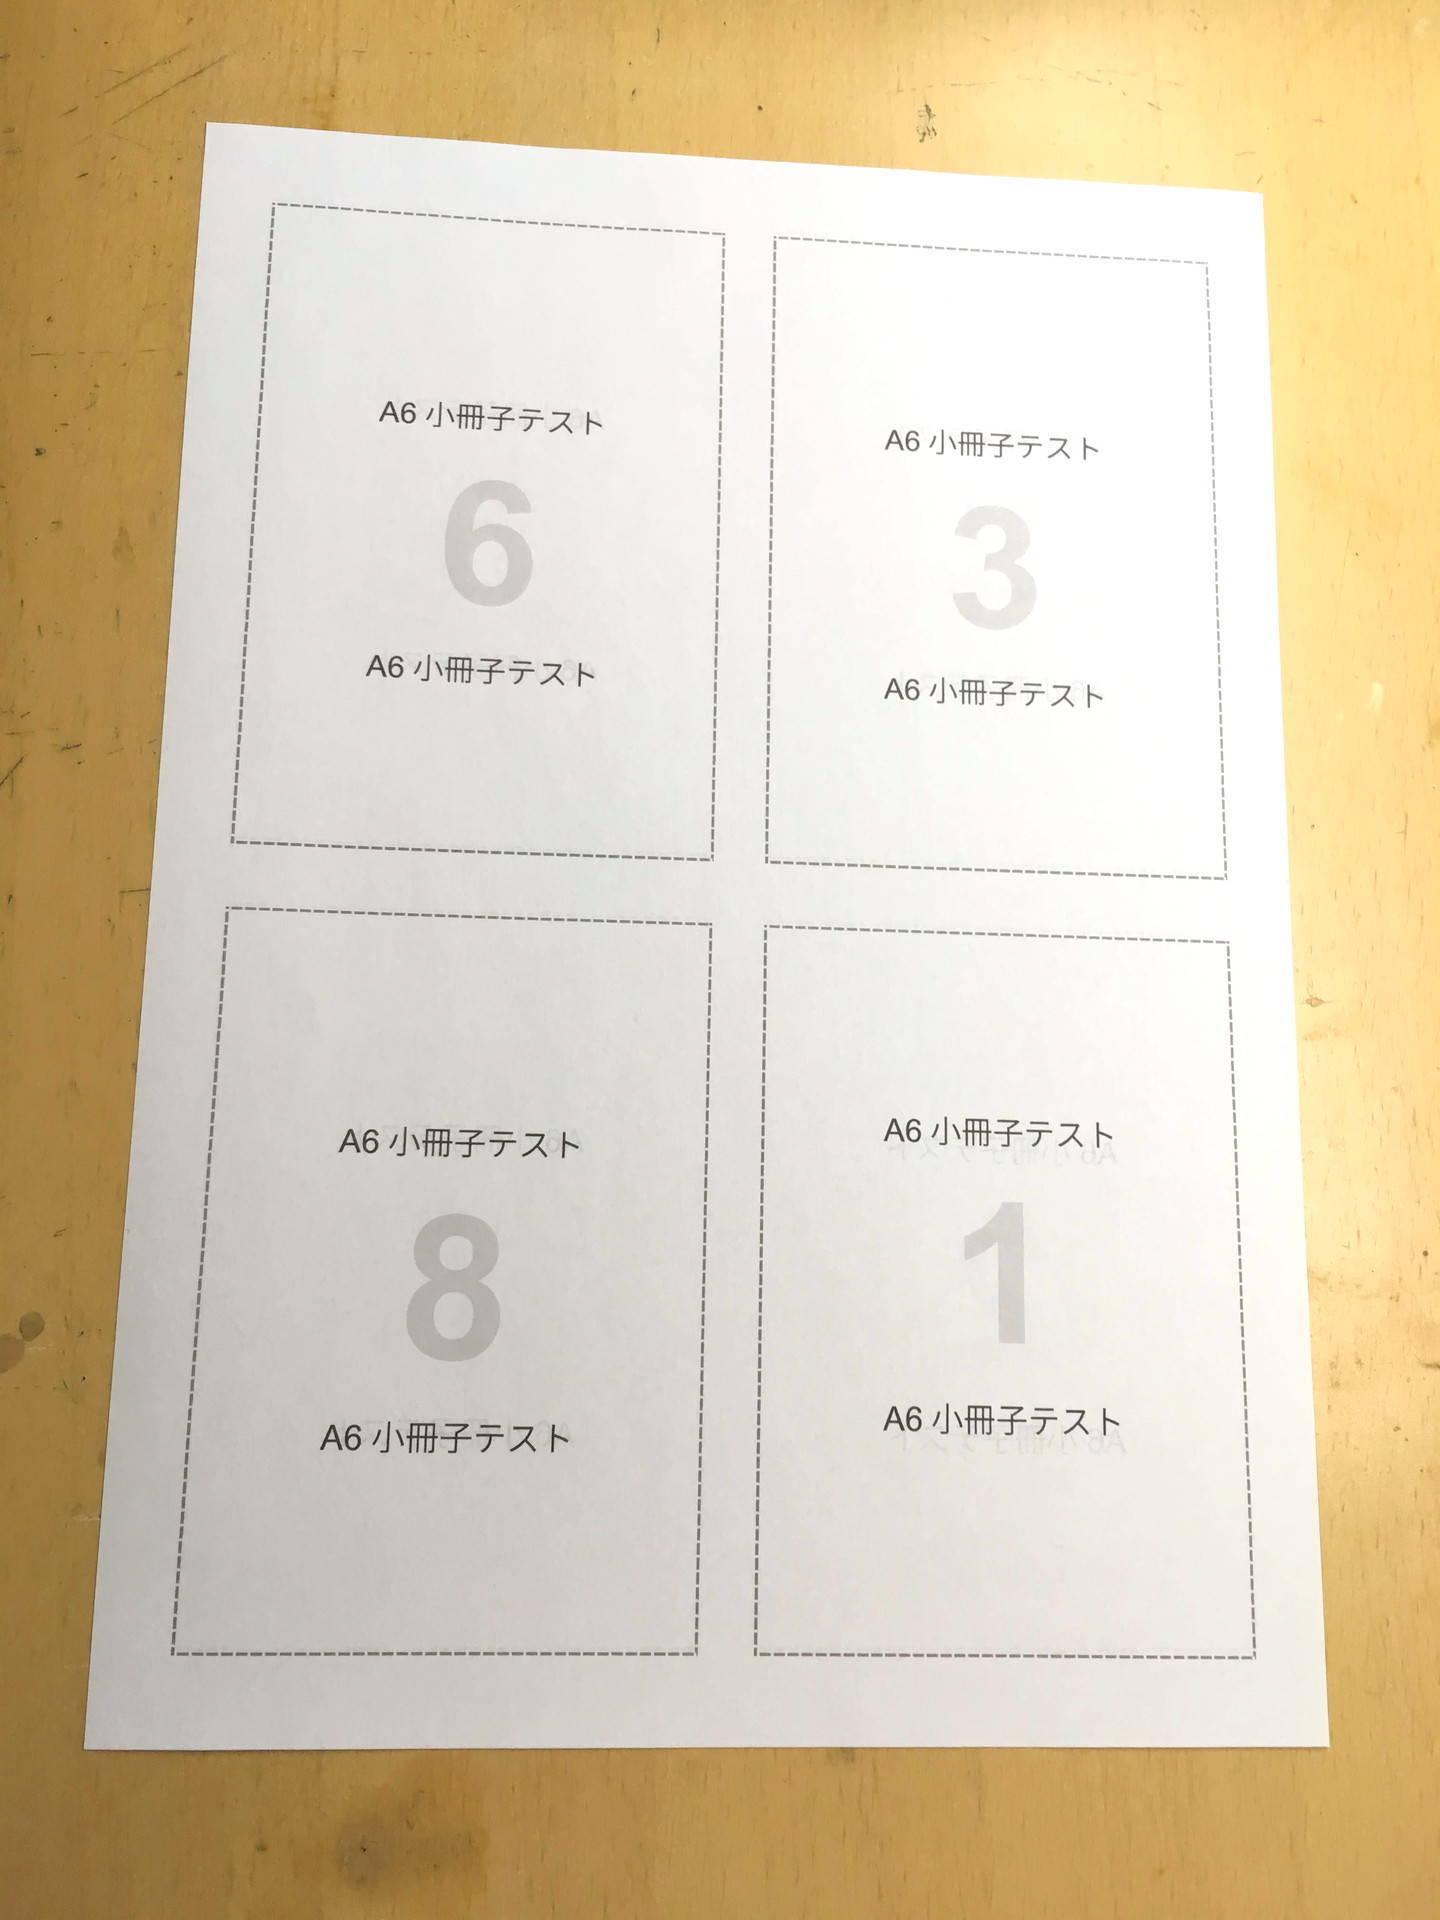 印刷が完了した状態の用紙